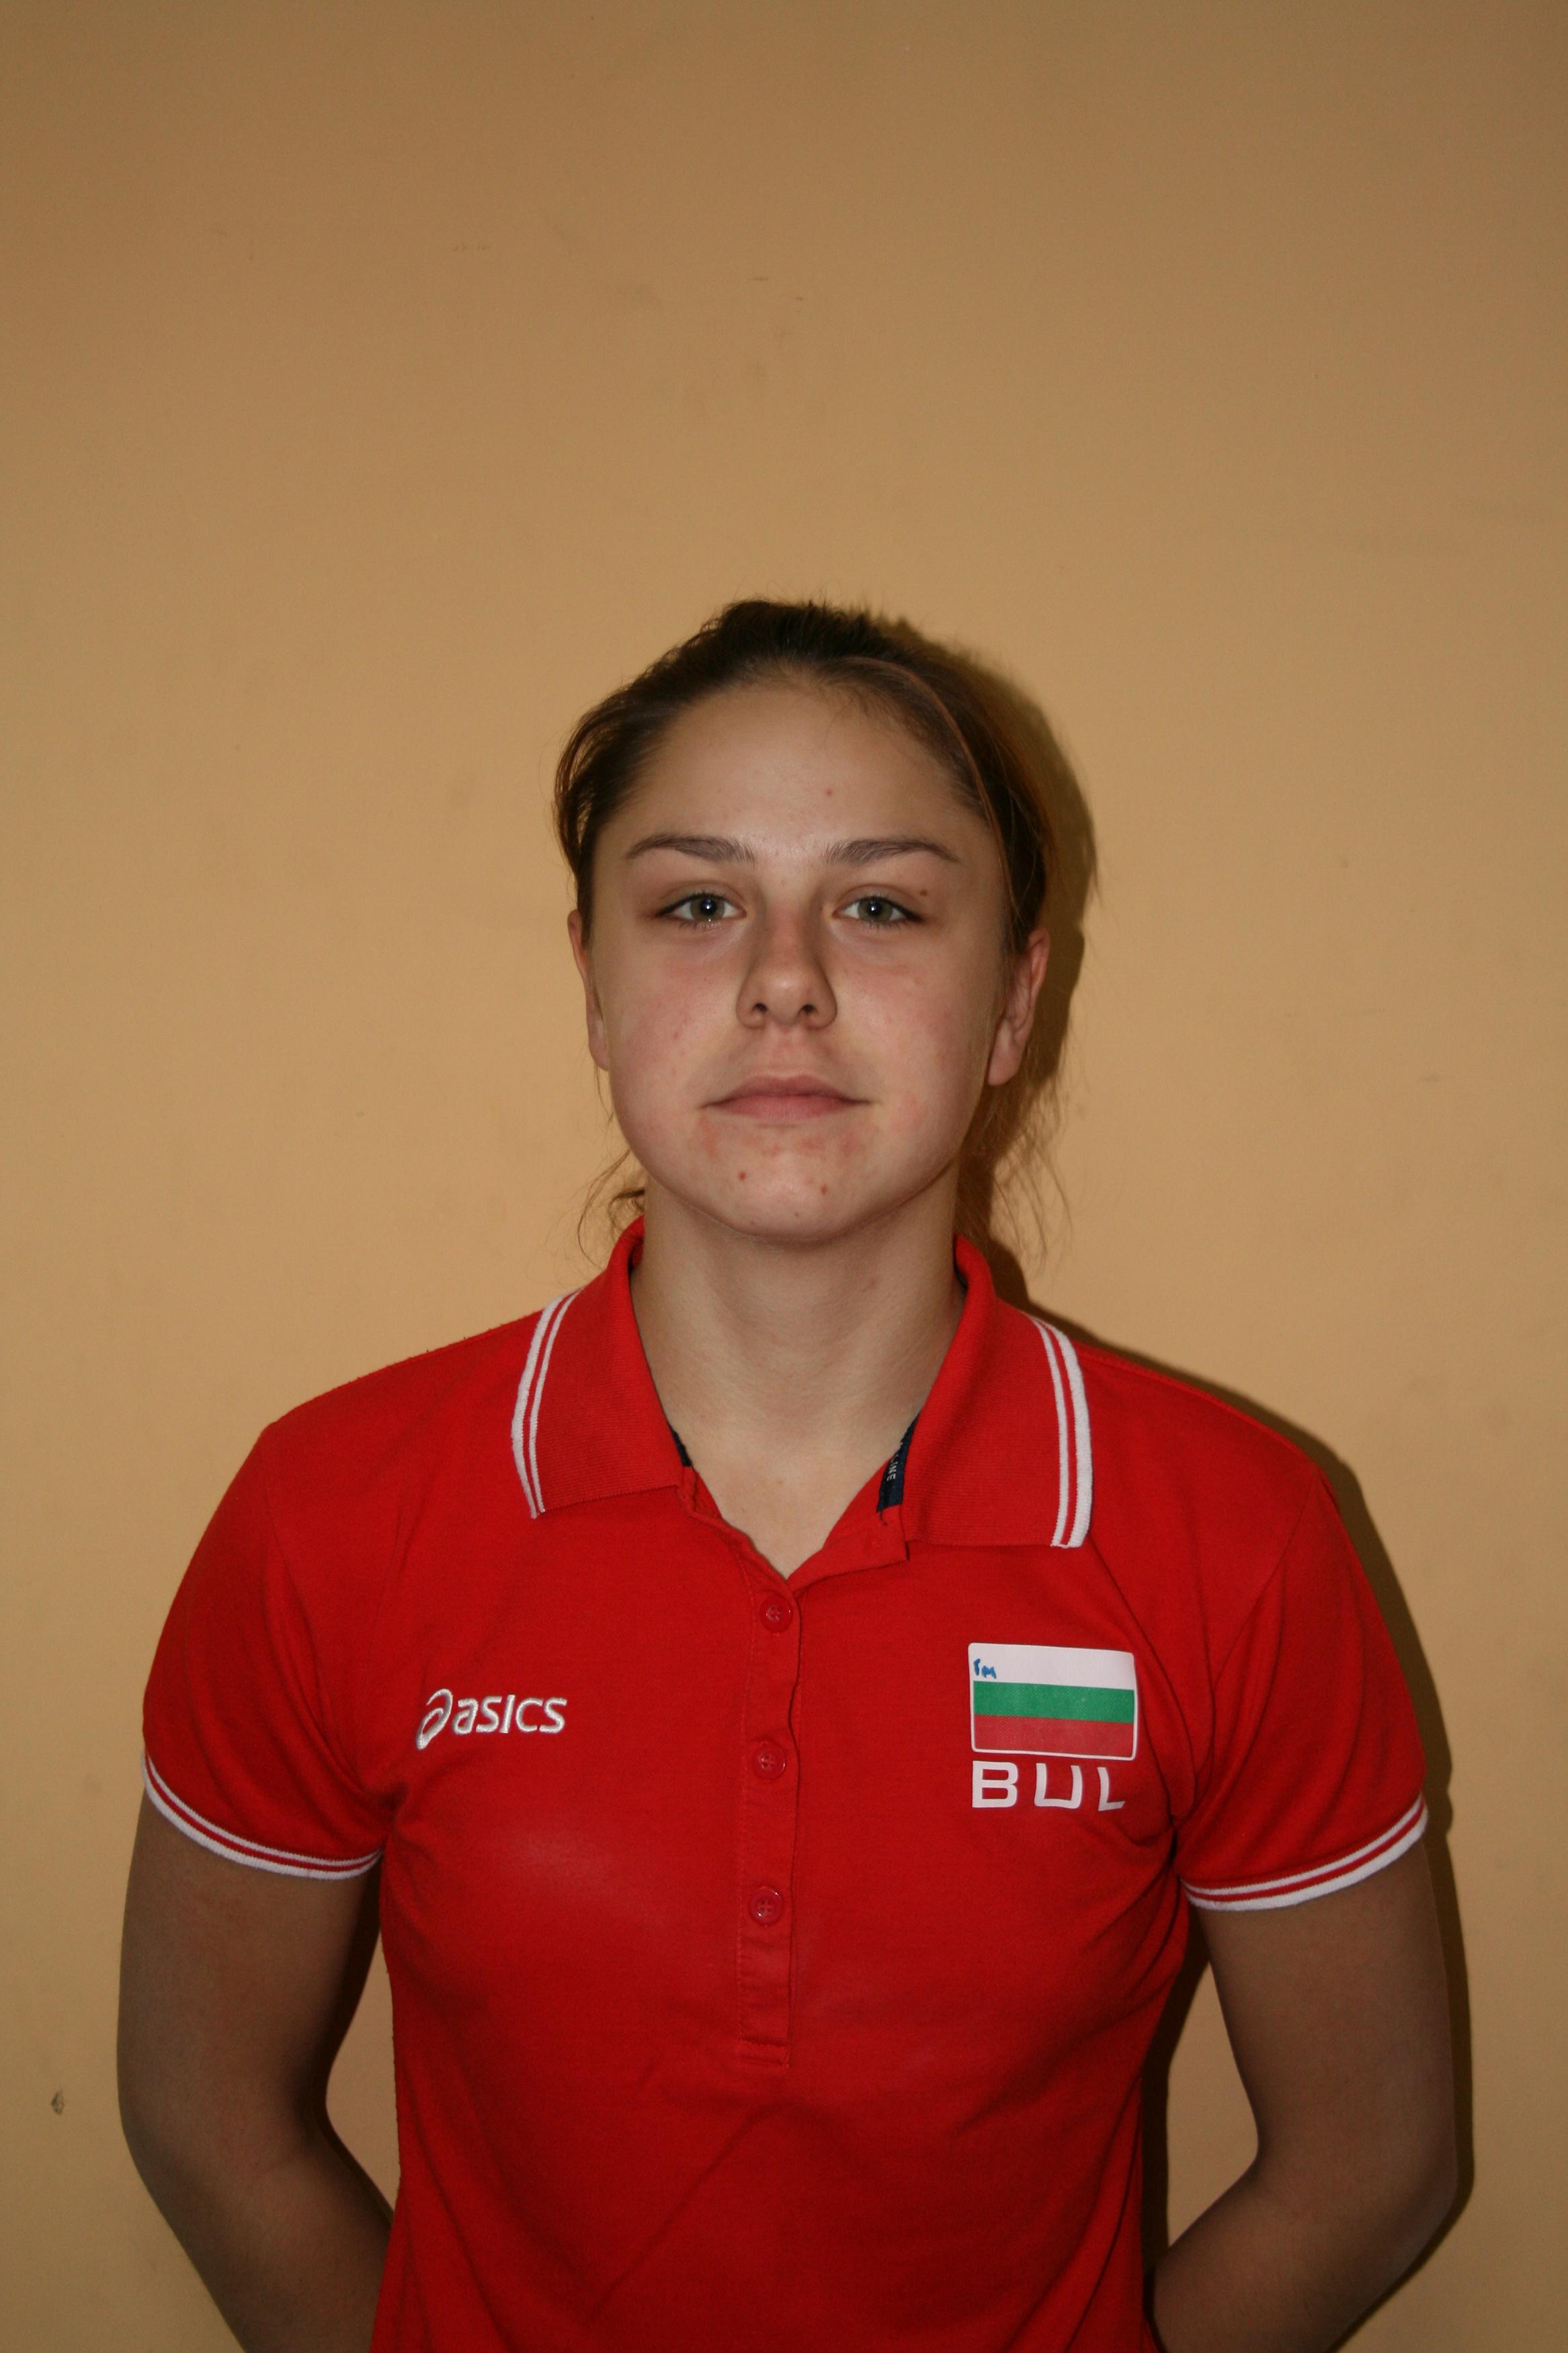 Gergana Dimitrova